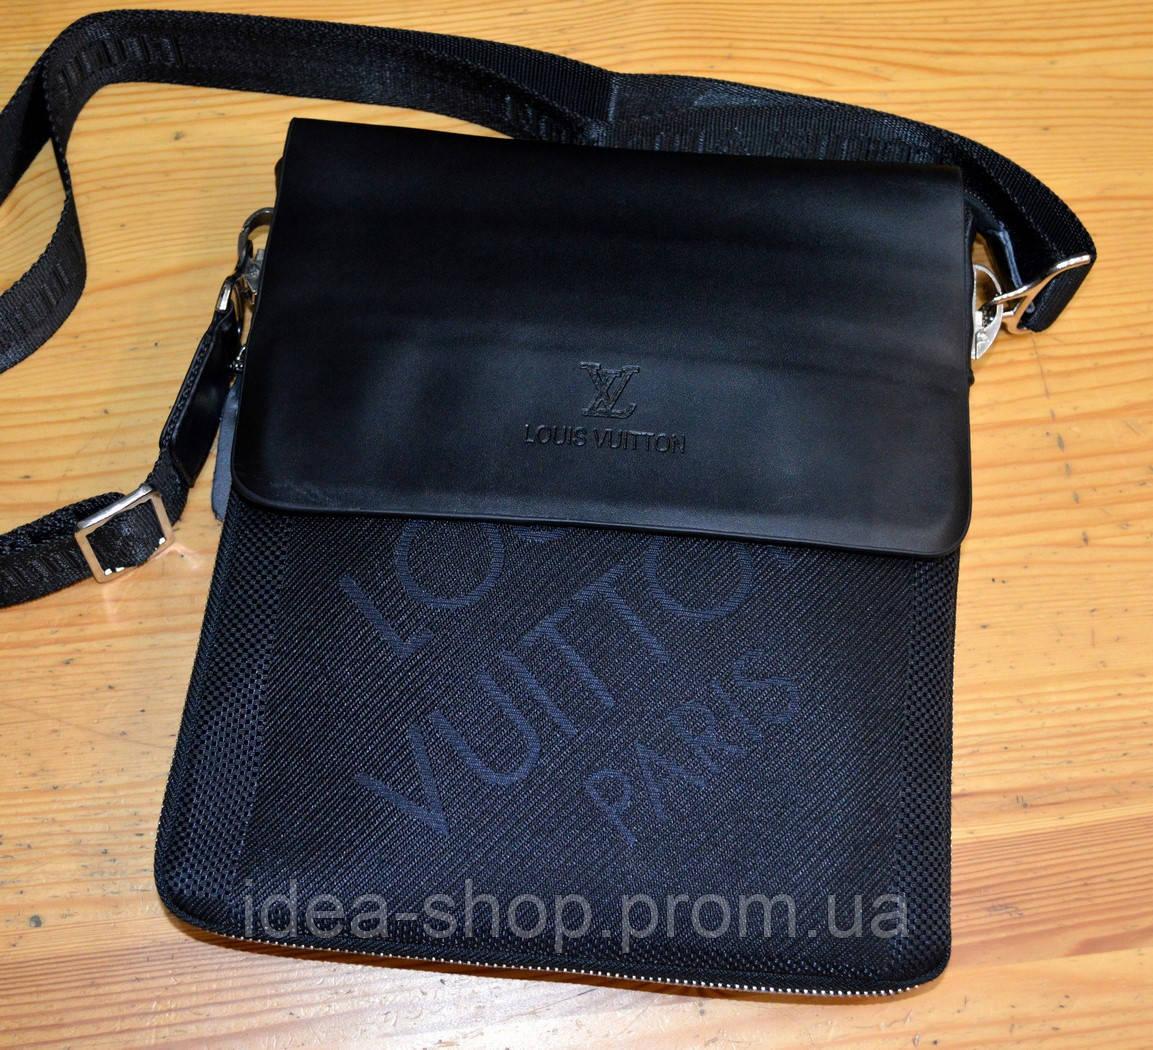 bf3622ef7cc8 Сумка планшет мужская молодежная через плечо LV - интернет-магазин